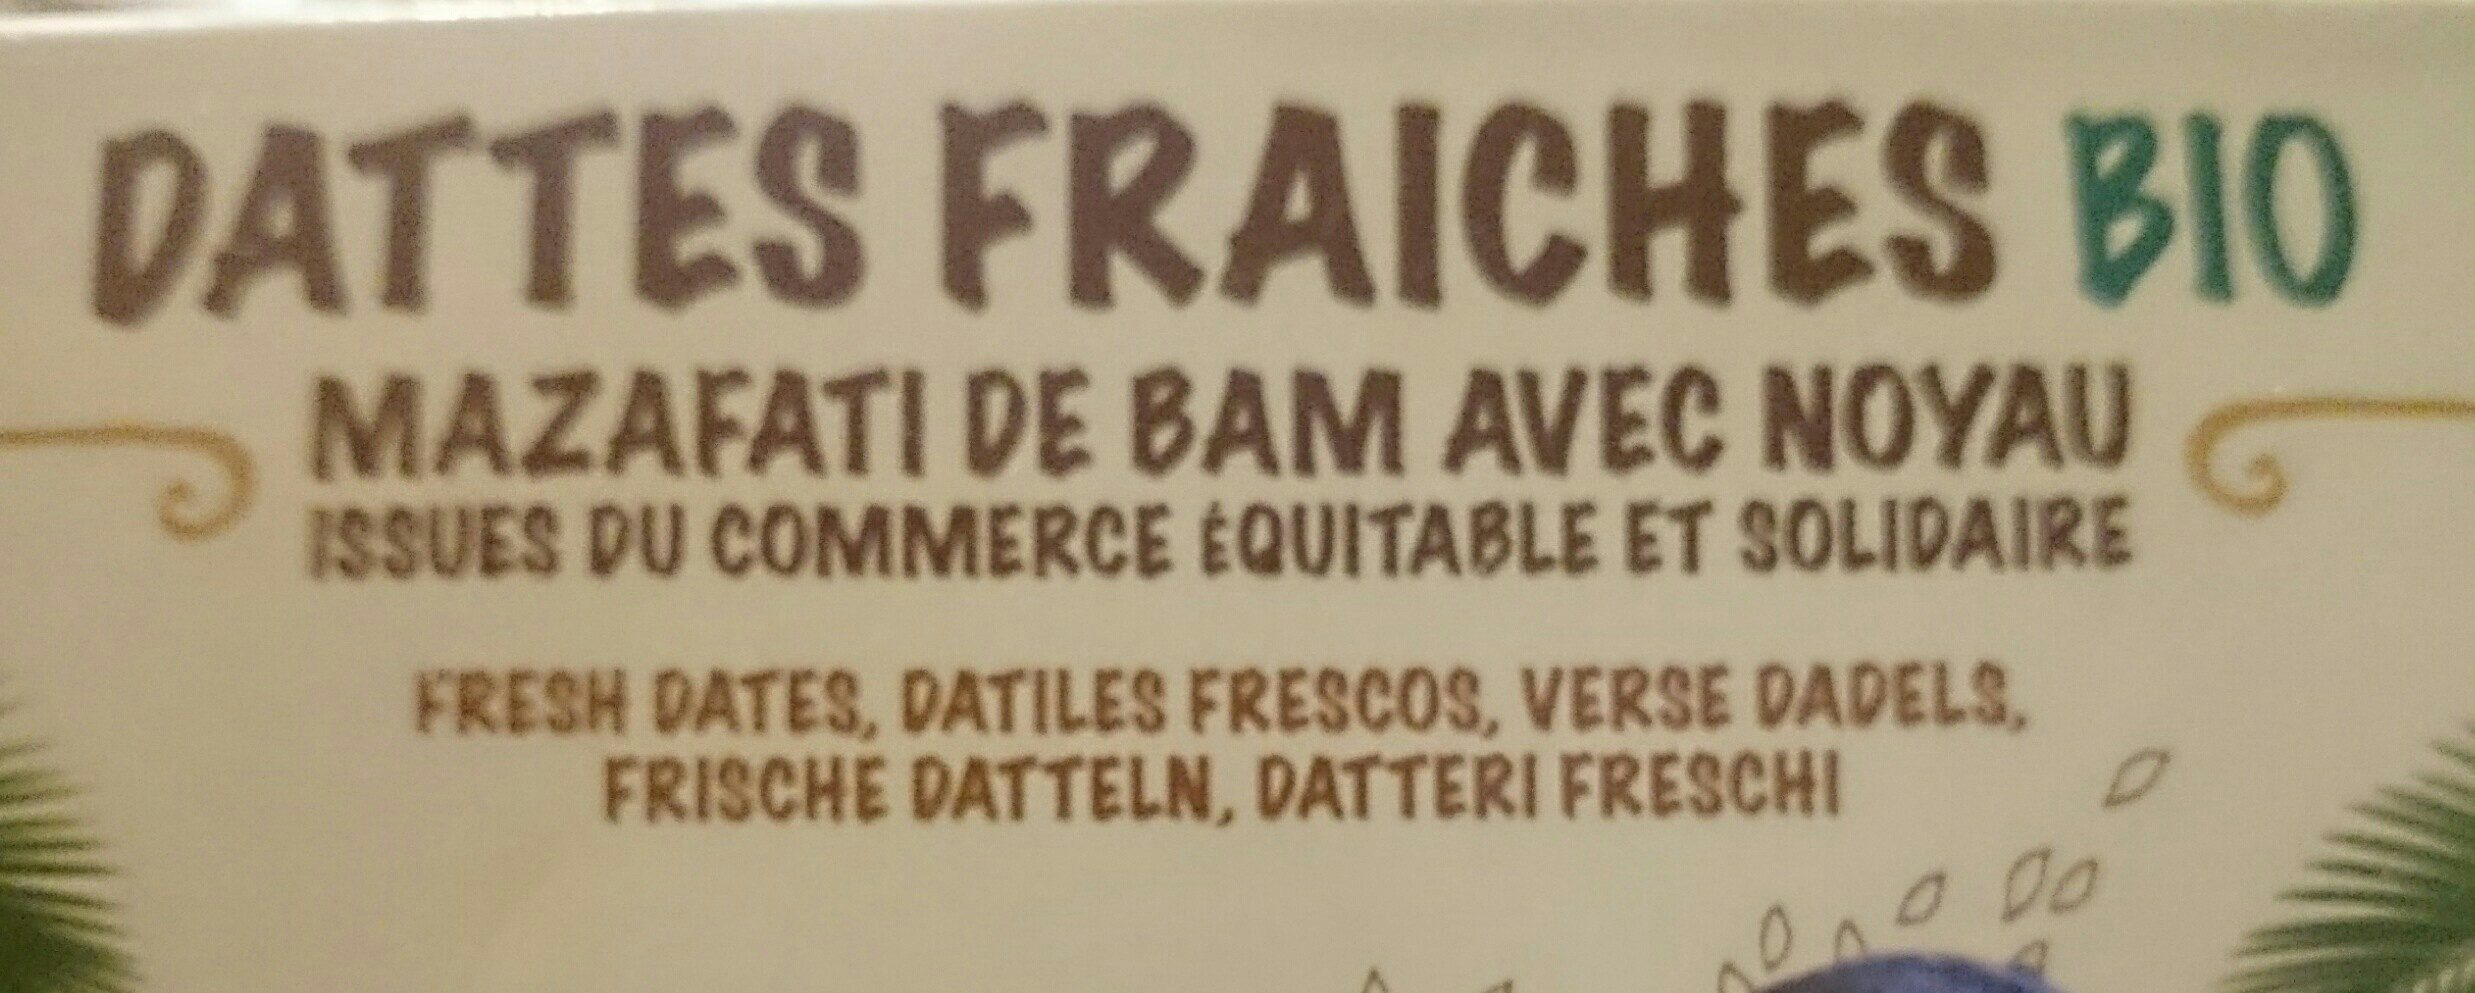 Dattes fraîches bio - Ingrediënten